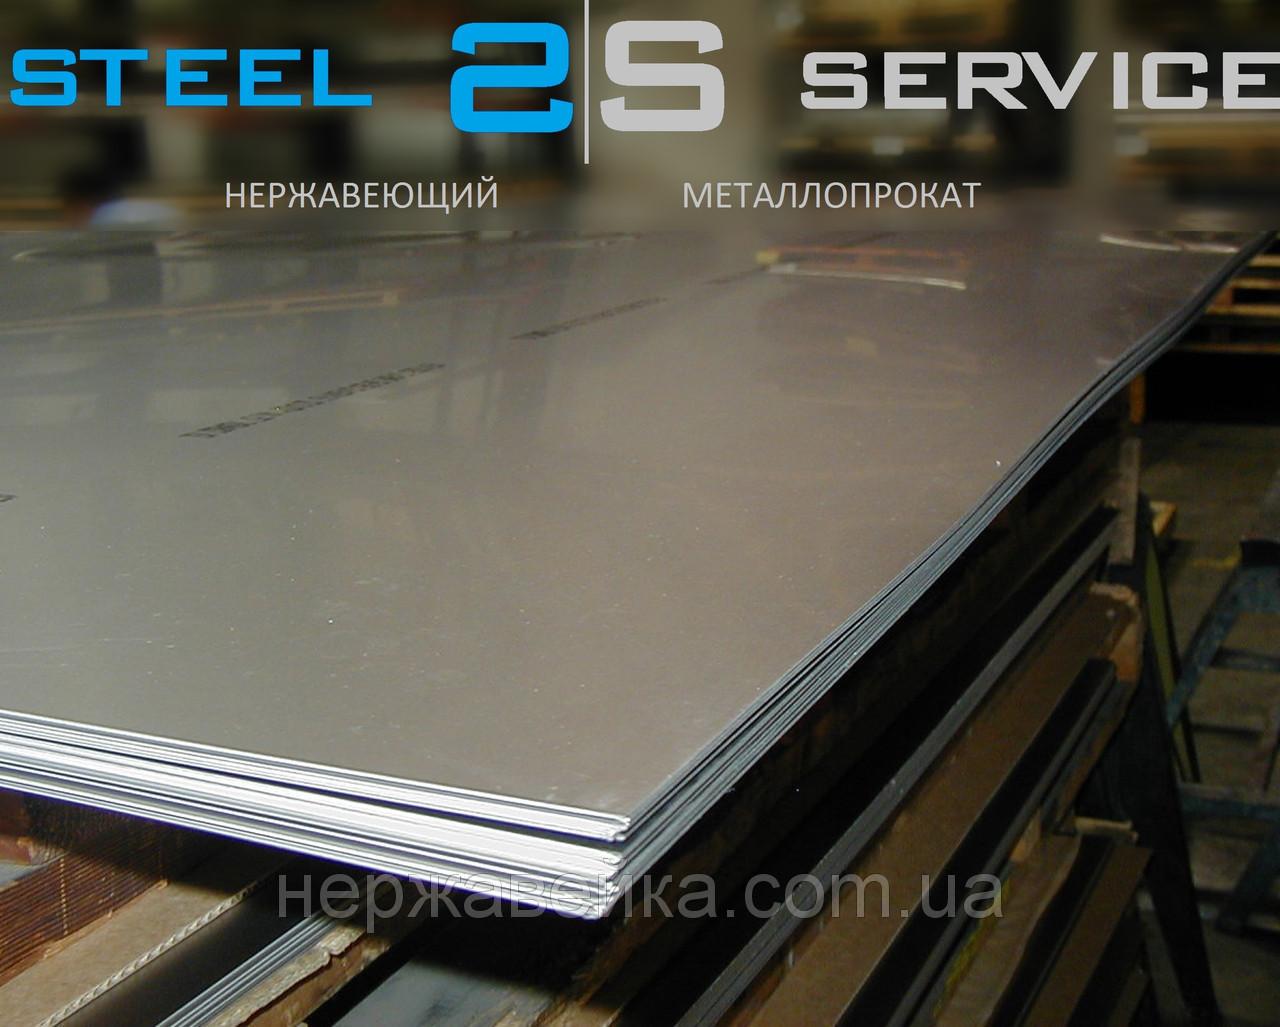 Нержавеющий лист 3х1000х2000мм AiSi 201  (12Х15Г9НД) 4N - шлифованный